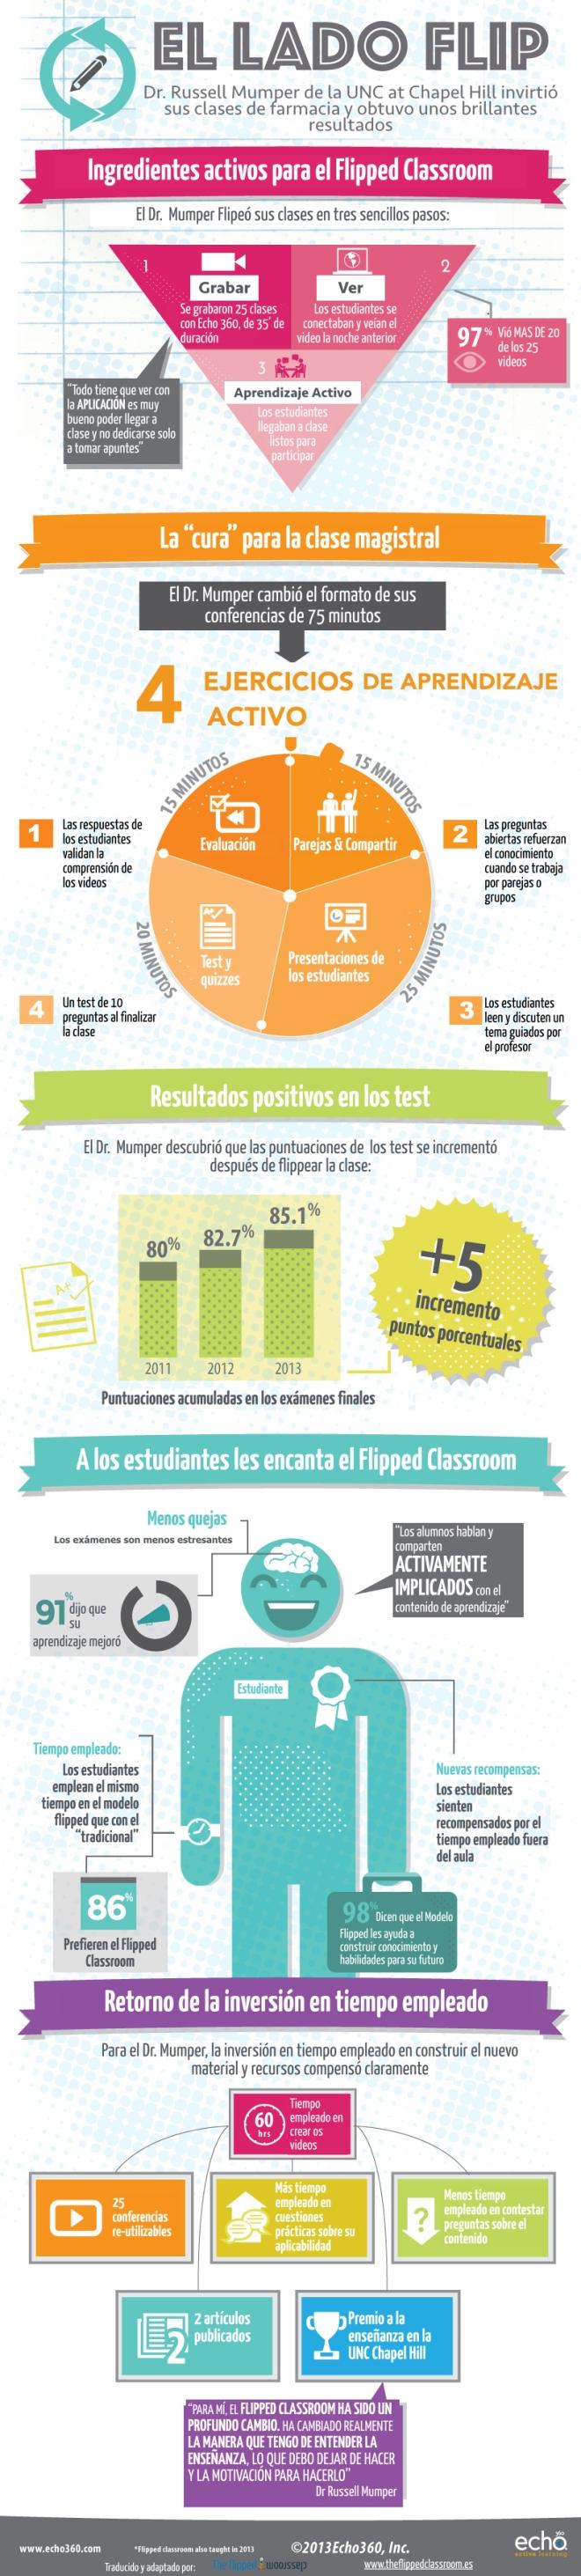 """El Lado Flip: caso de éxito de """"The Flipped Classroom"""""""